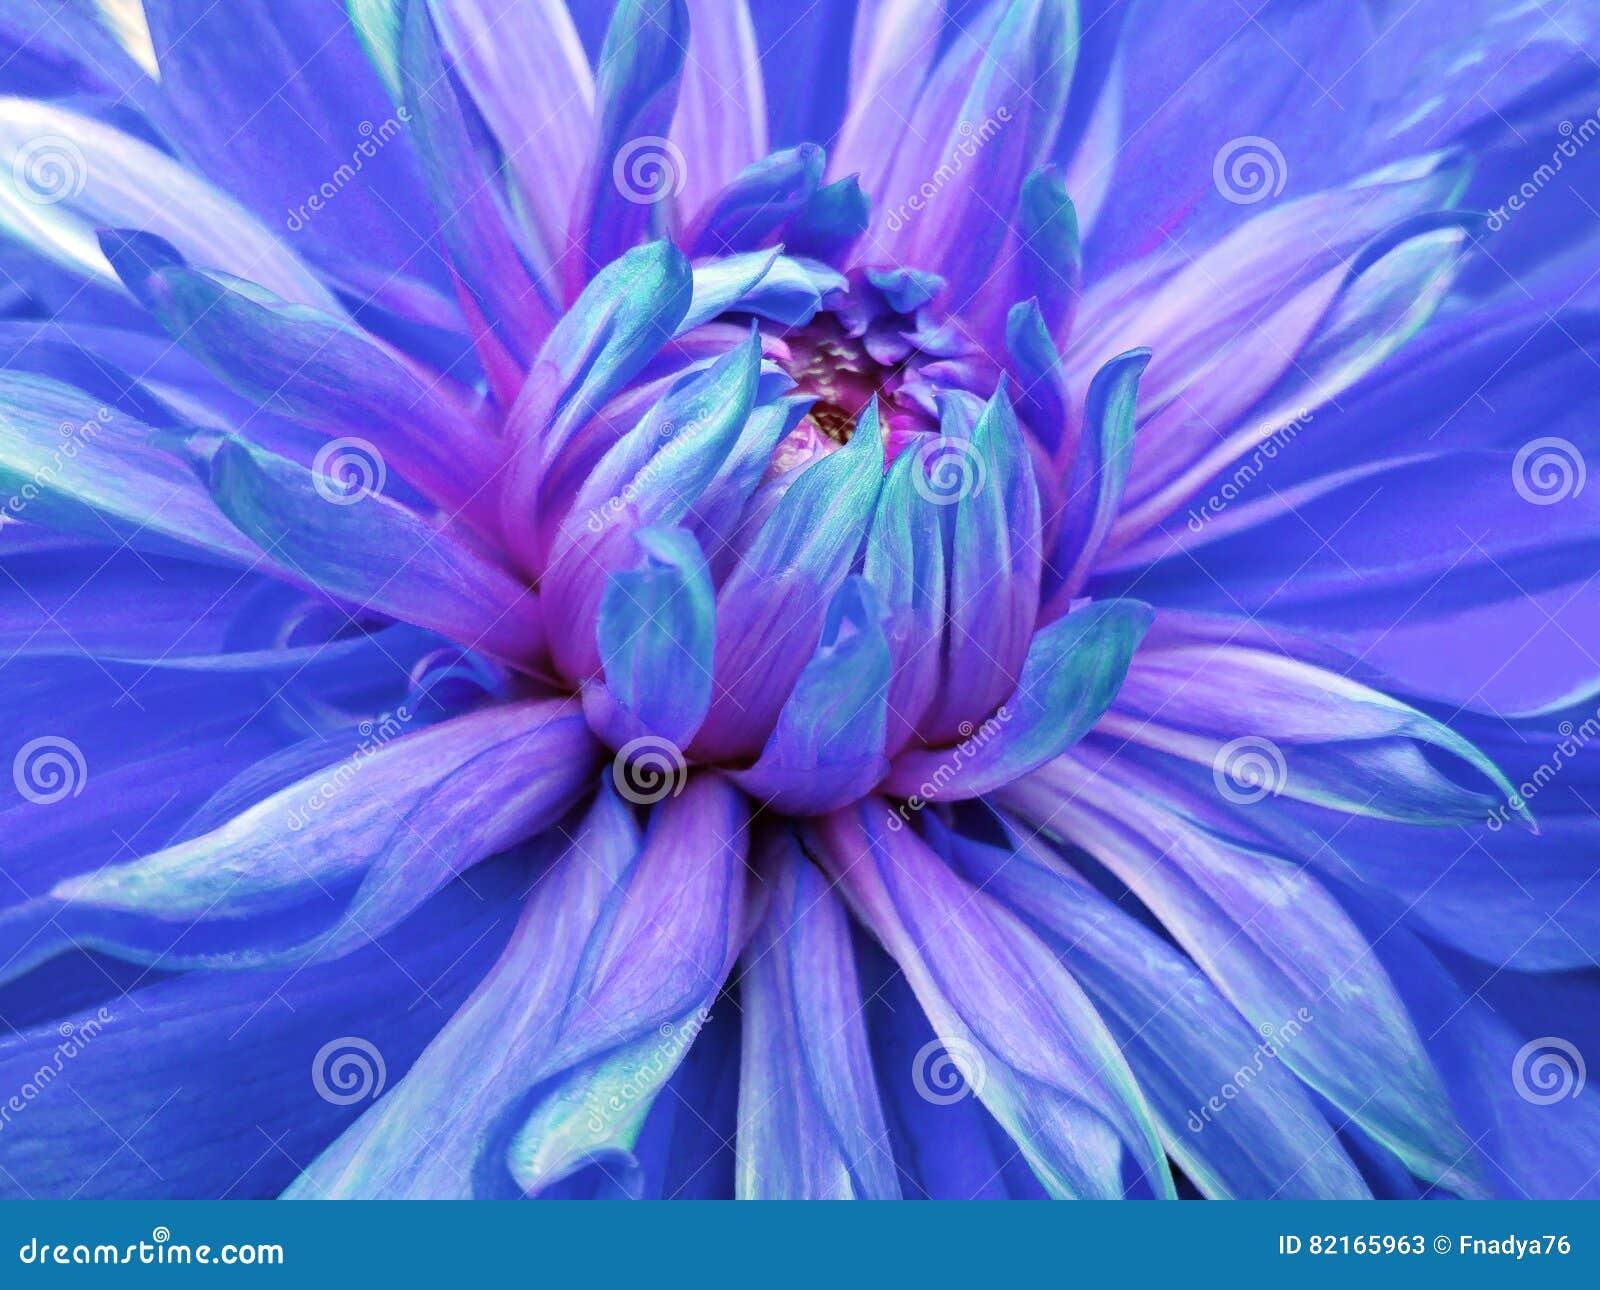 Dahlia Flower Blue Closeup Beautiful Dahlia Side View For Design